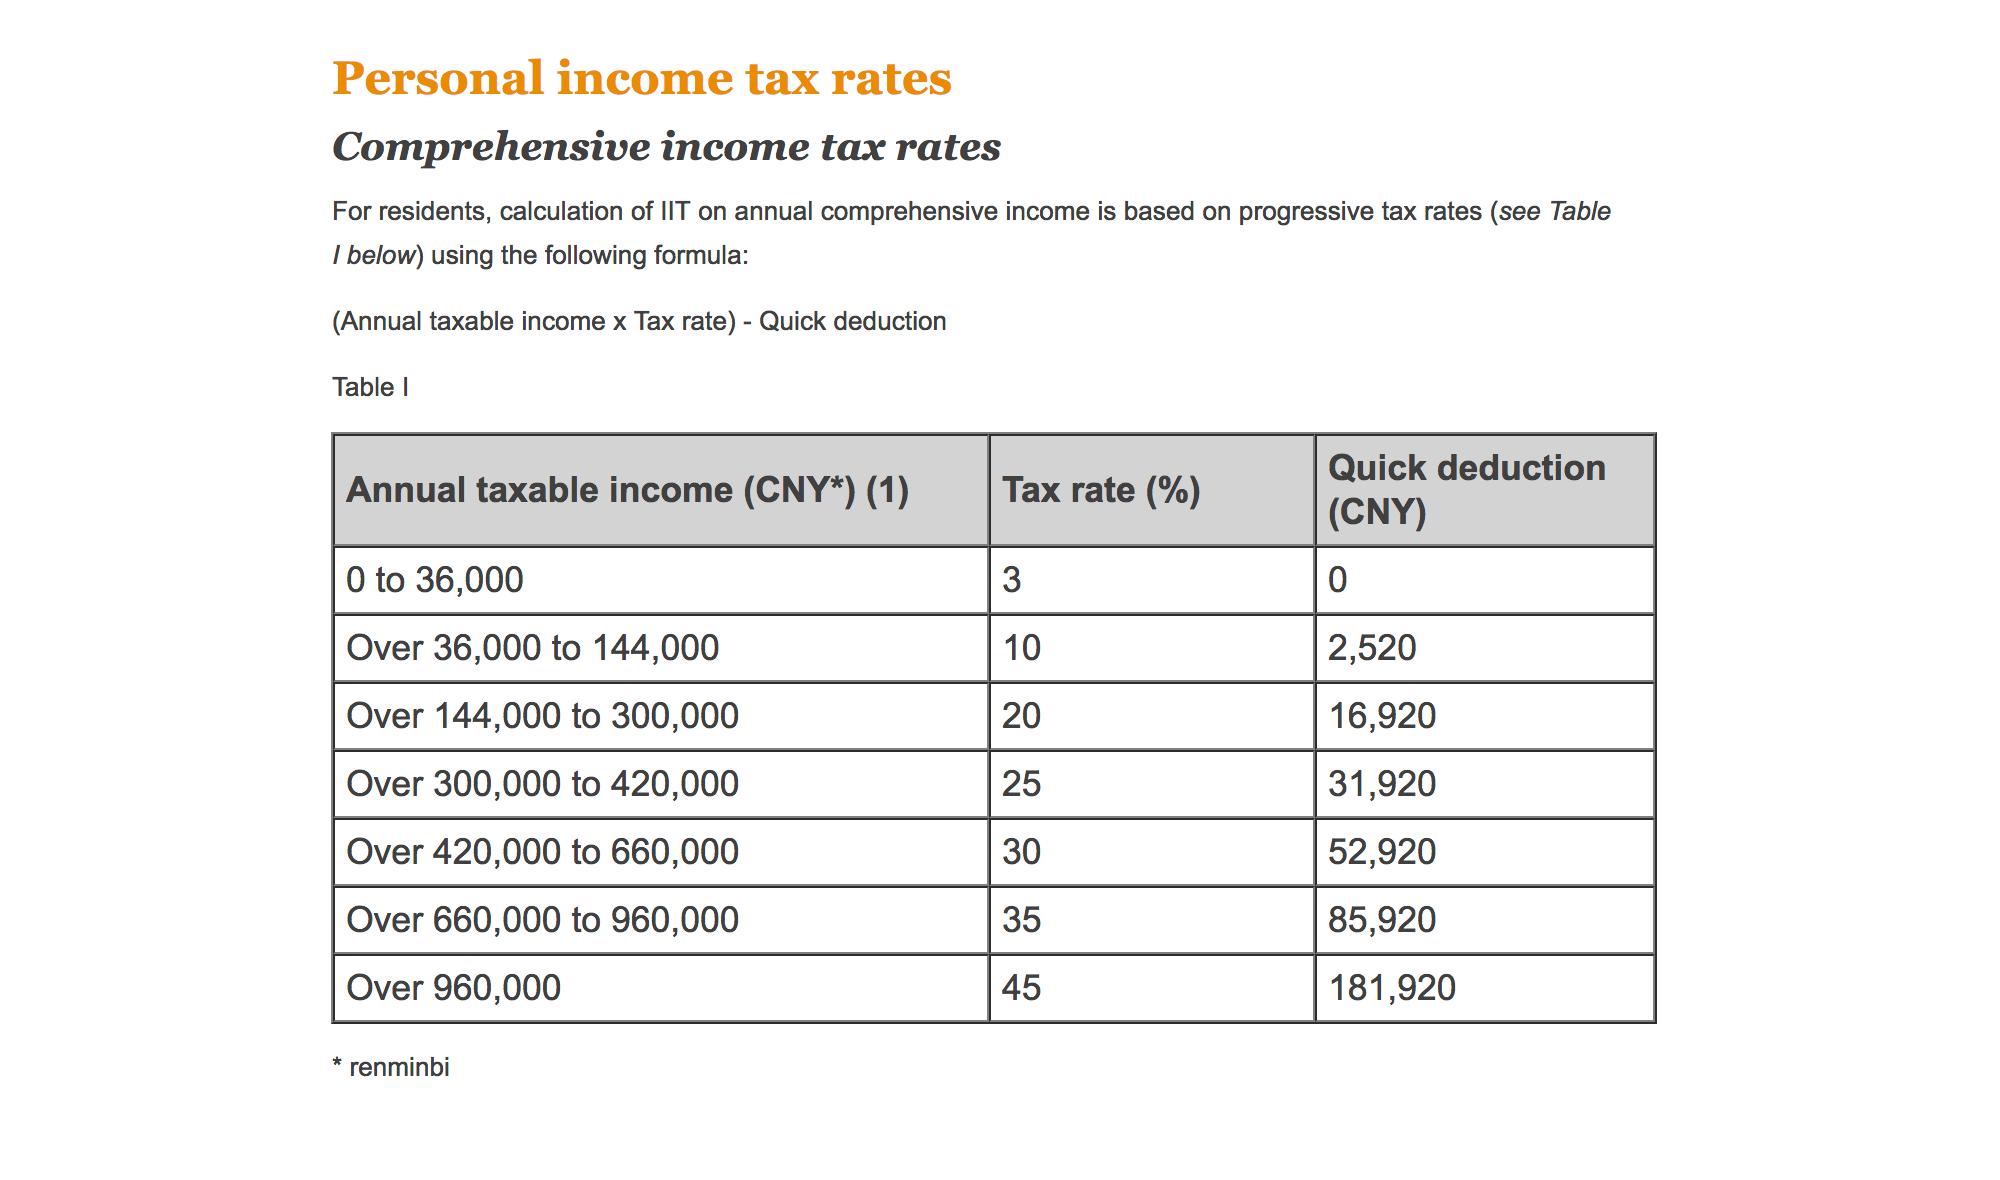 В Китае прогрессивная шкала налогообложения. Чем больше заработаешь, тем больше налог